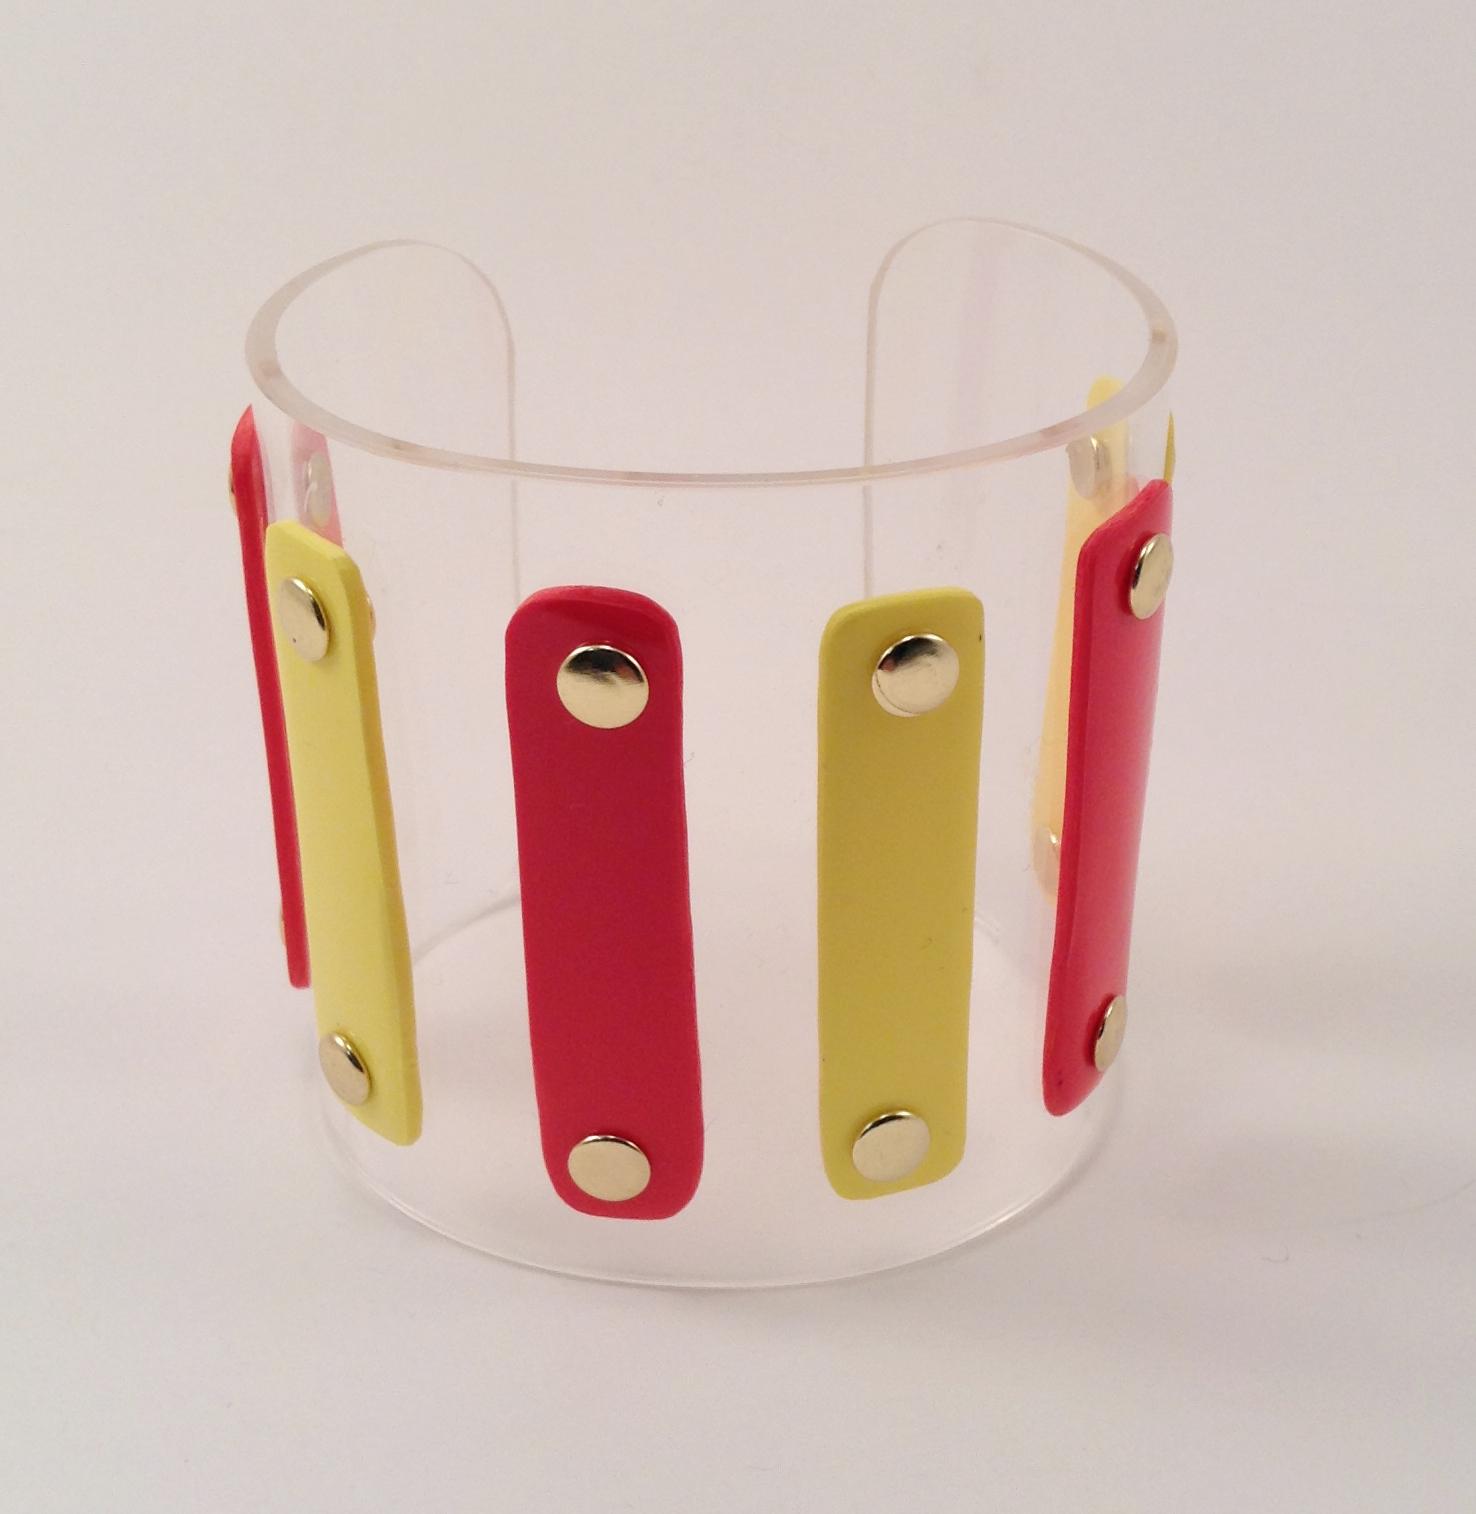 Lolastripes bracelet